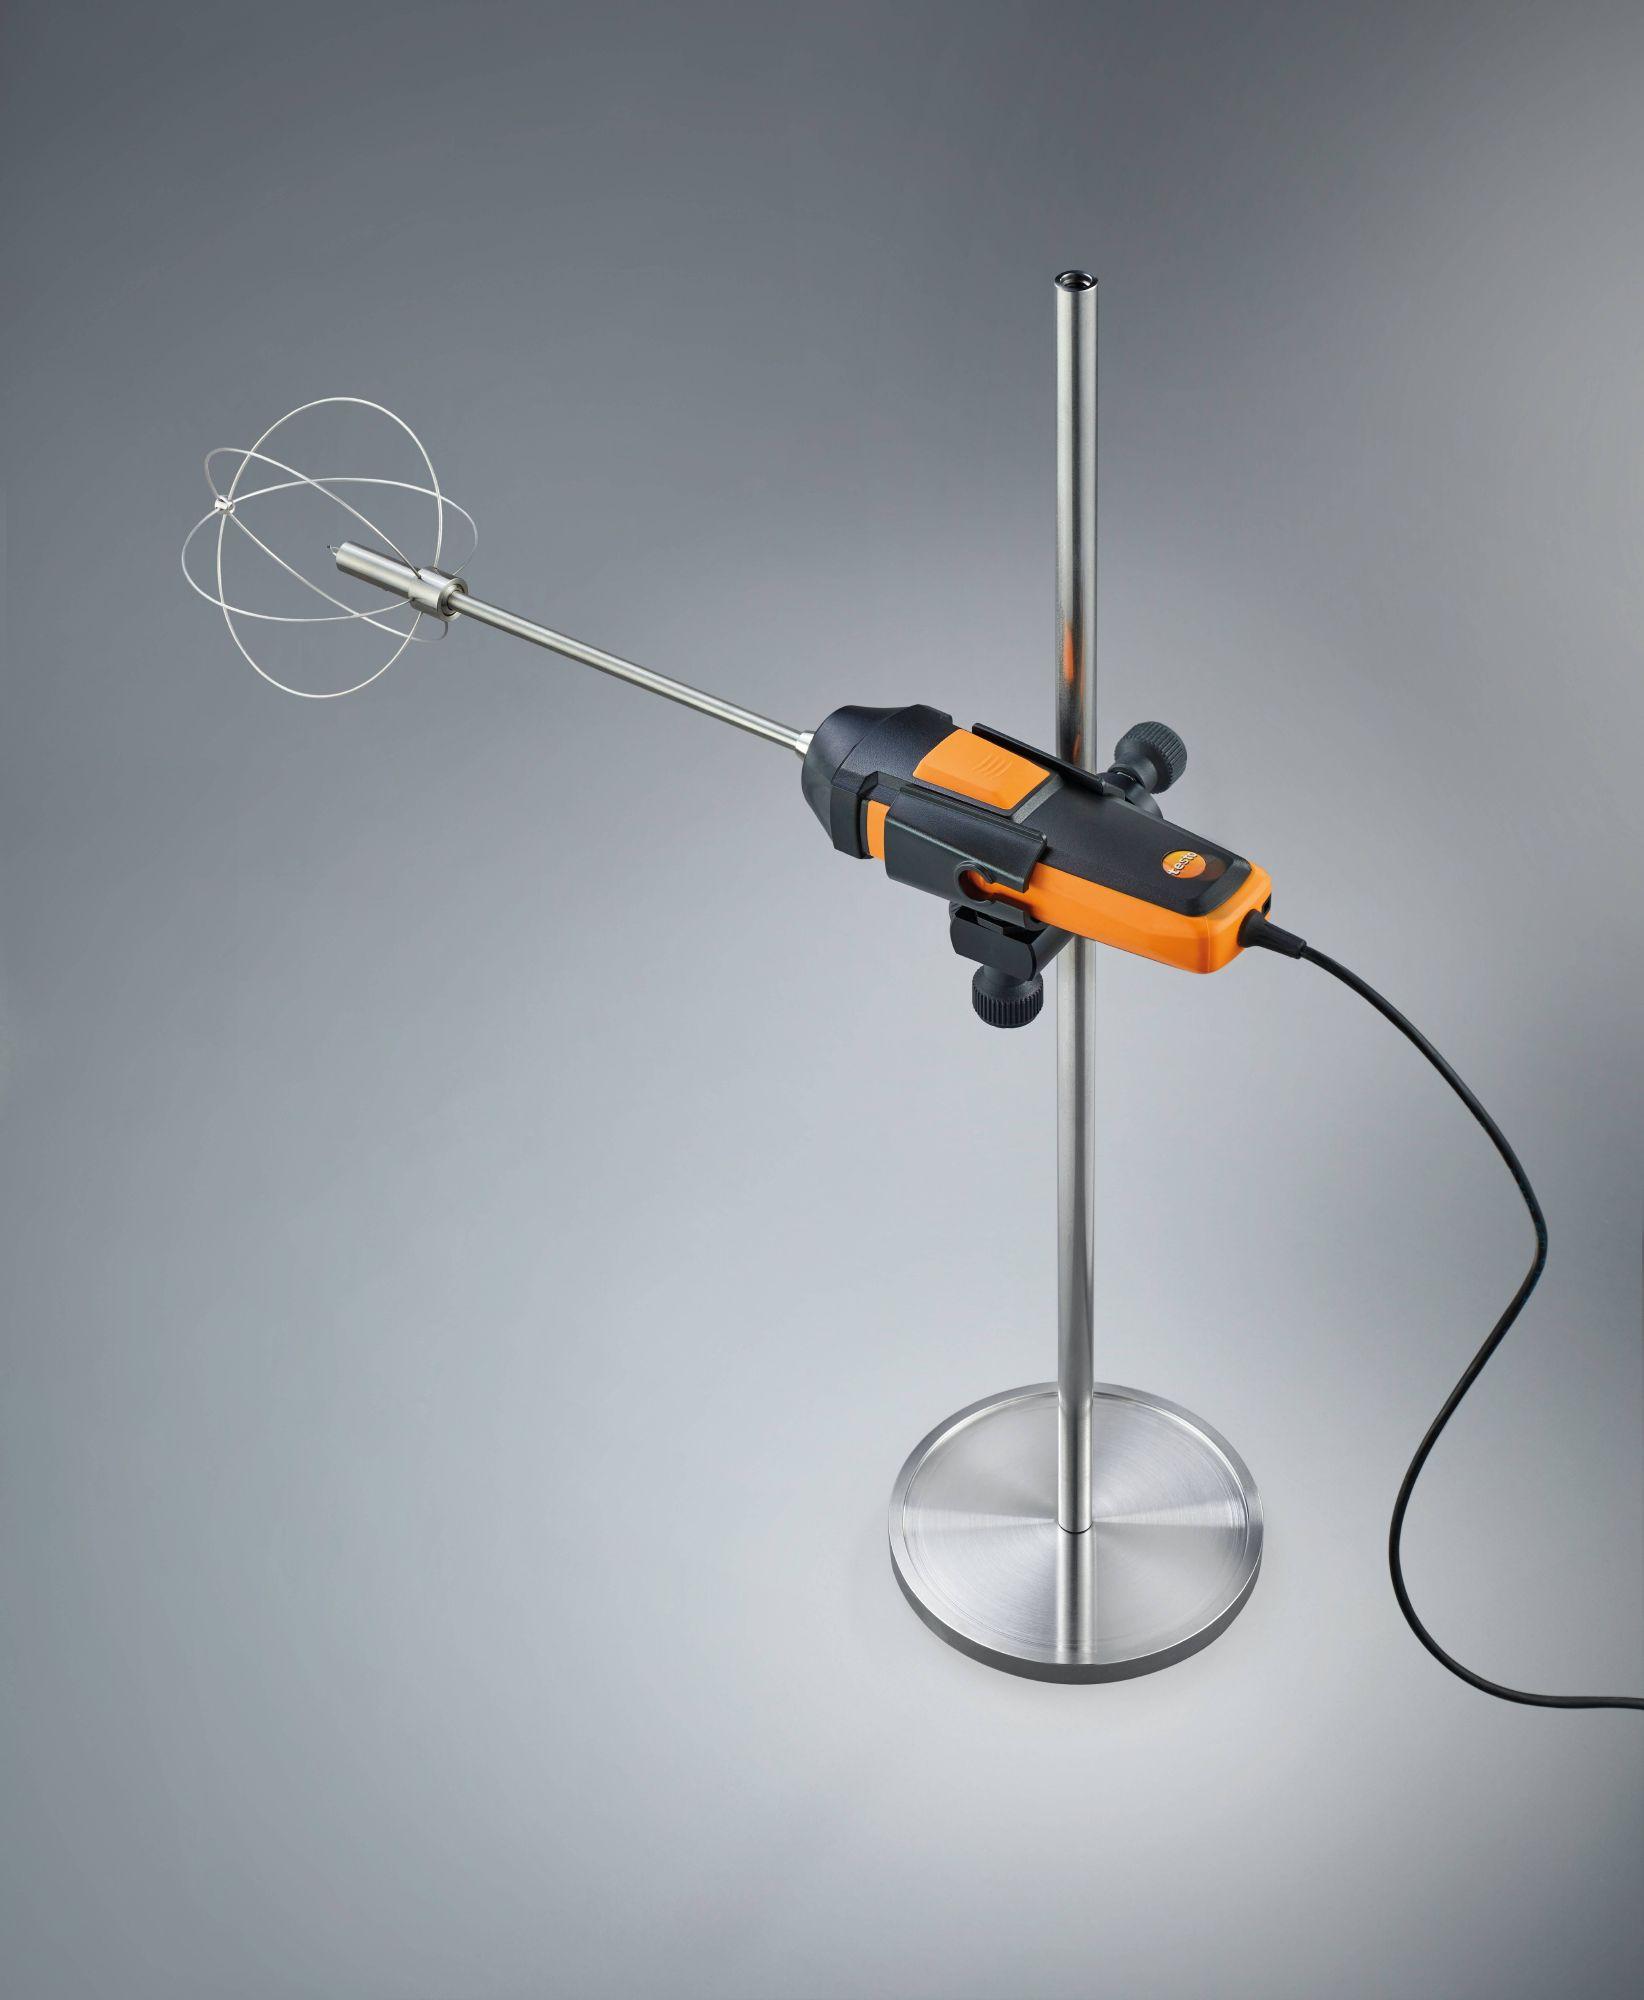 Measuring tripod for flow measurements